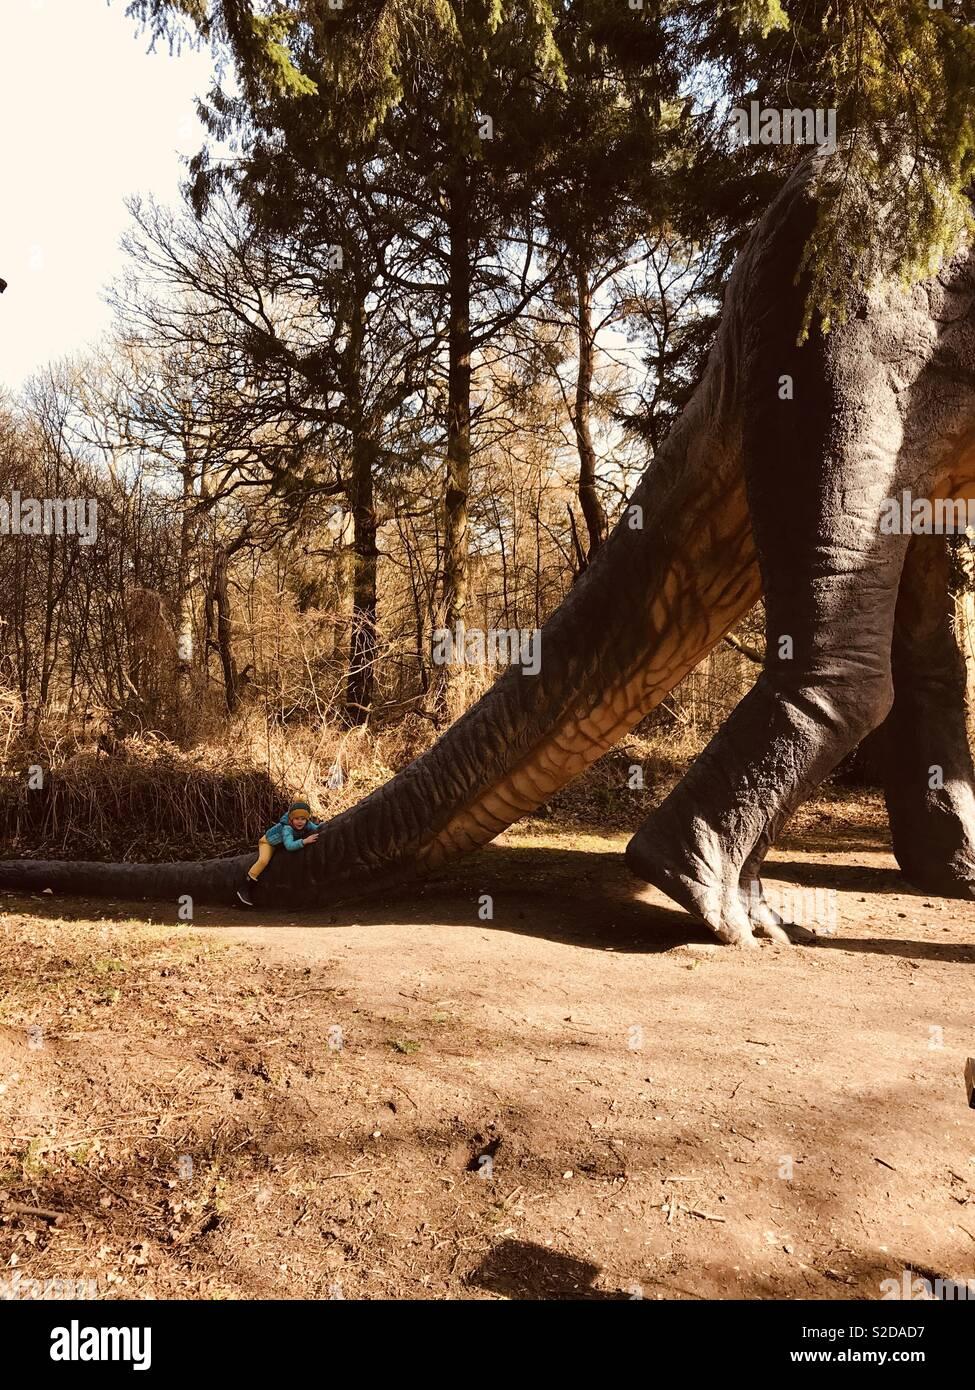 Escalada criança cauda de dinossauro modelo Imagens de Stock